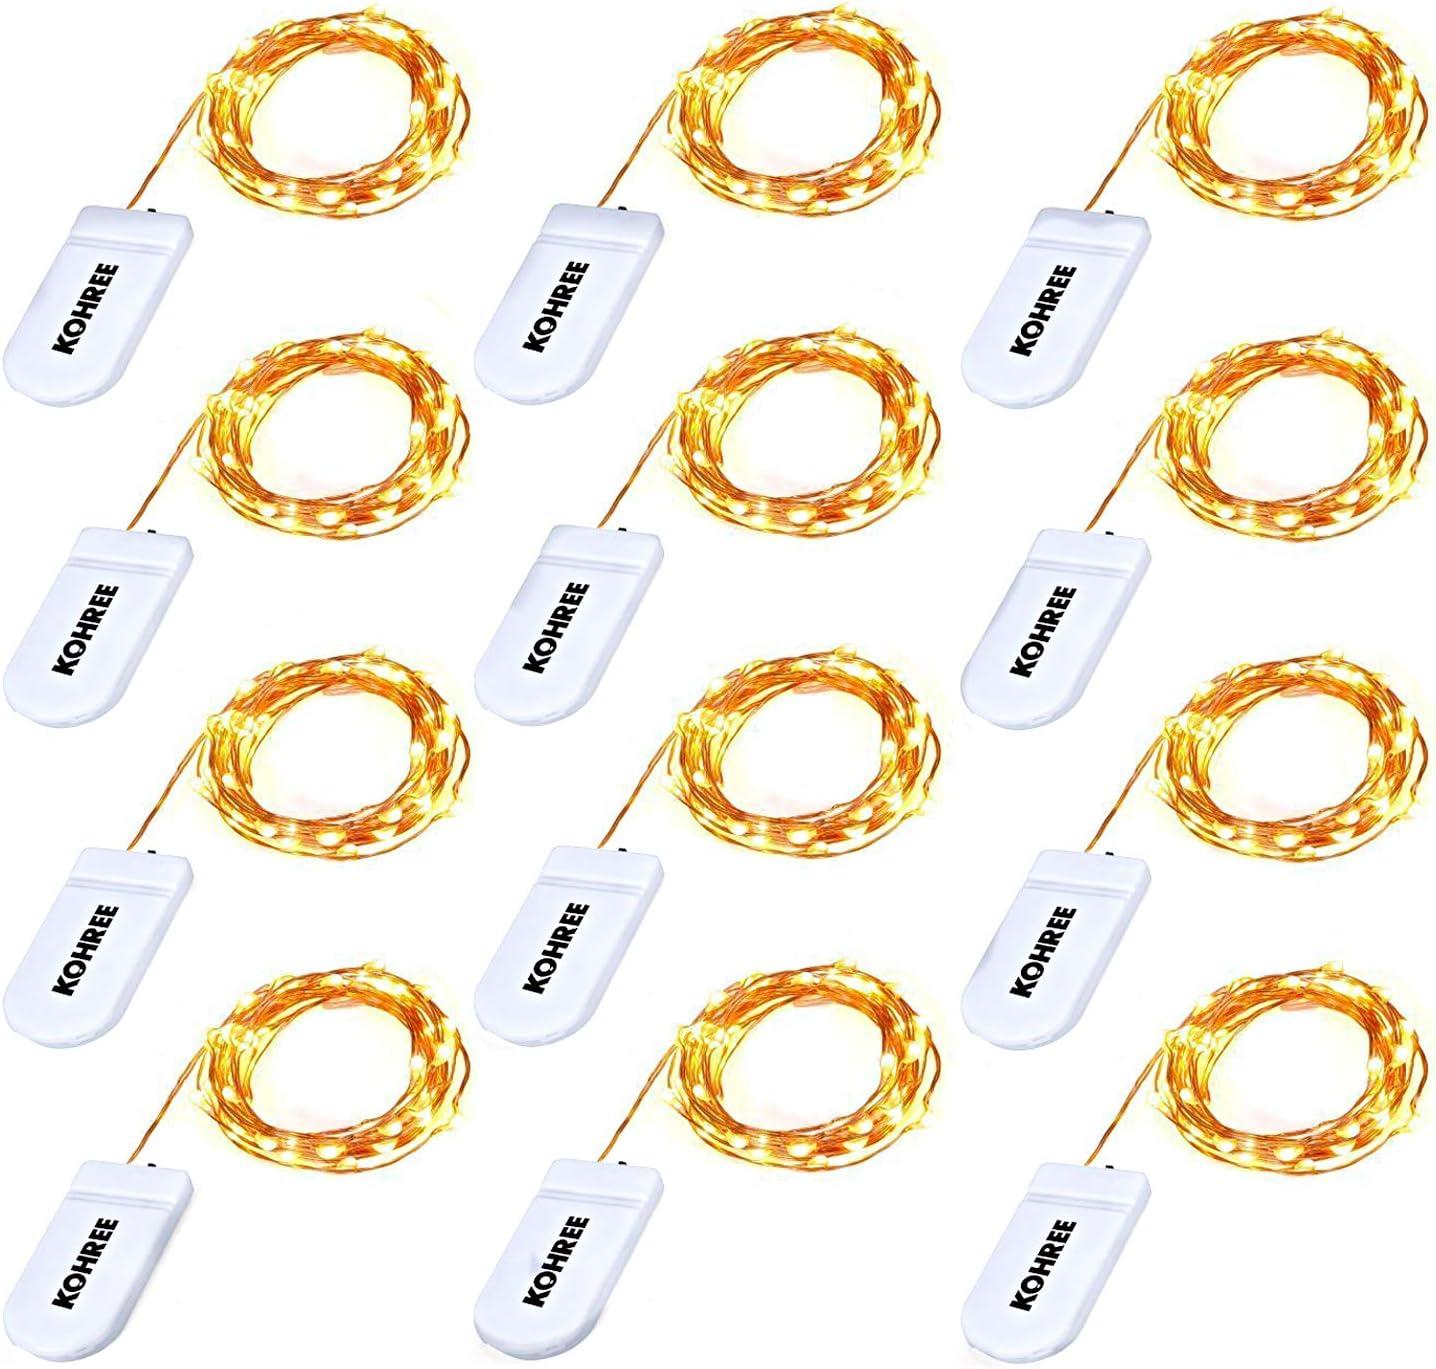 Kohree lot de 8 Guirlande Lumineuse /à Piles 20 LED 2M Fil Cuire D/écoration pour Mariage F/ête Jaune chaud Sapin de No/ël Maison Jardin